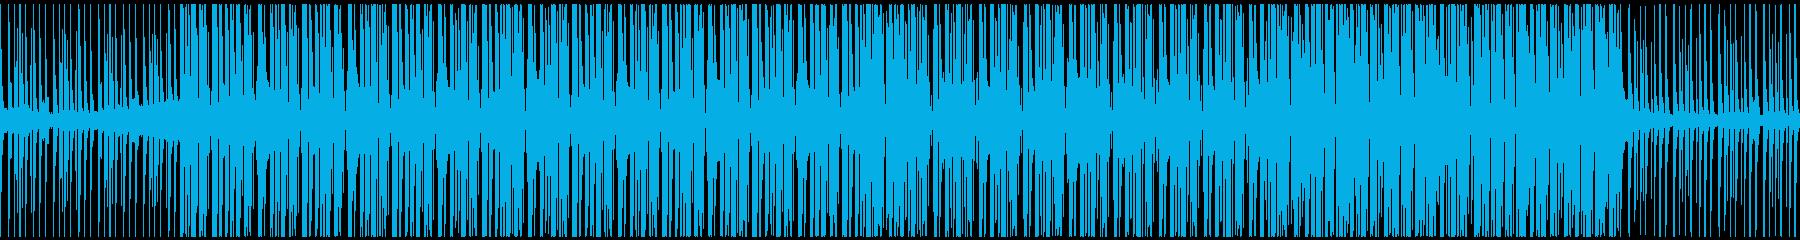 【ループ対応s】CMやVP近未来的ハウスの再生済みの波形